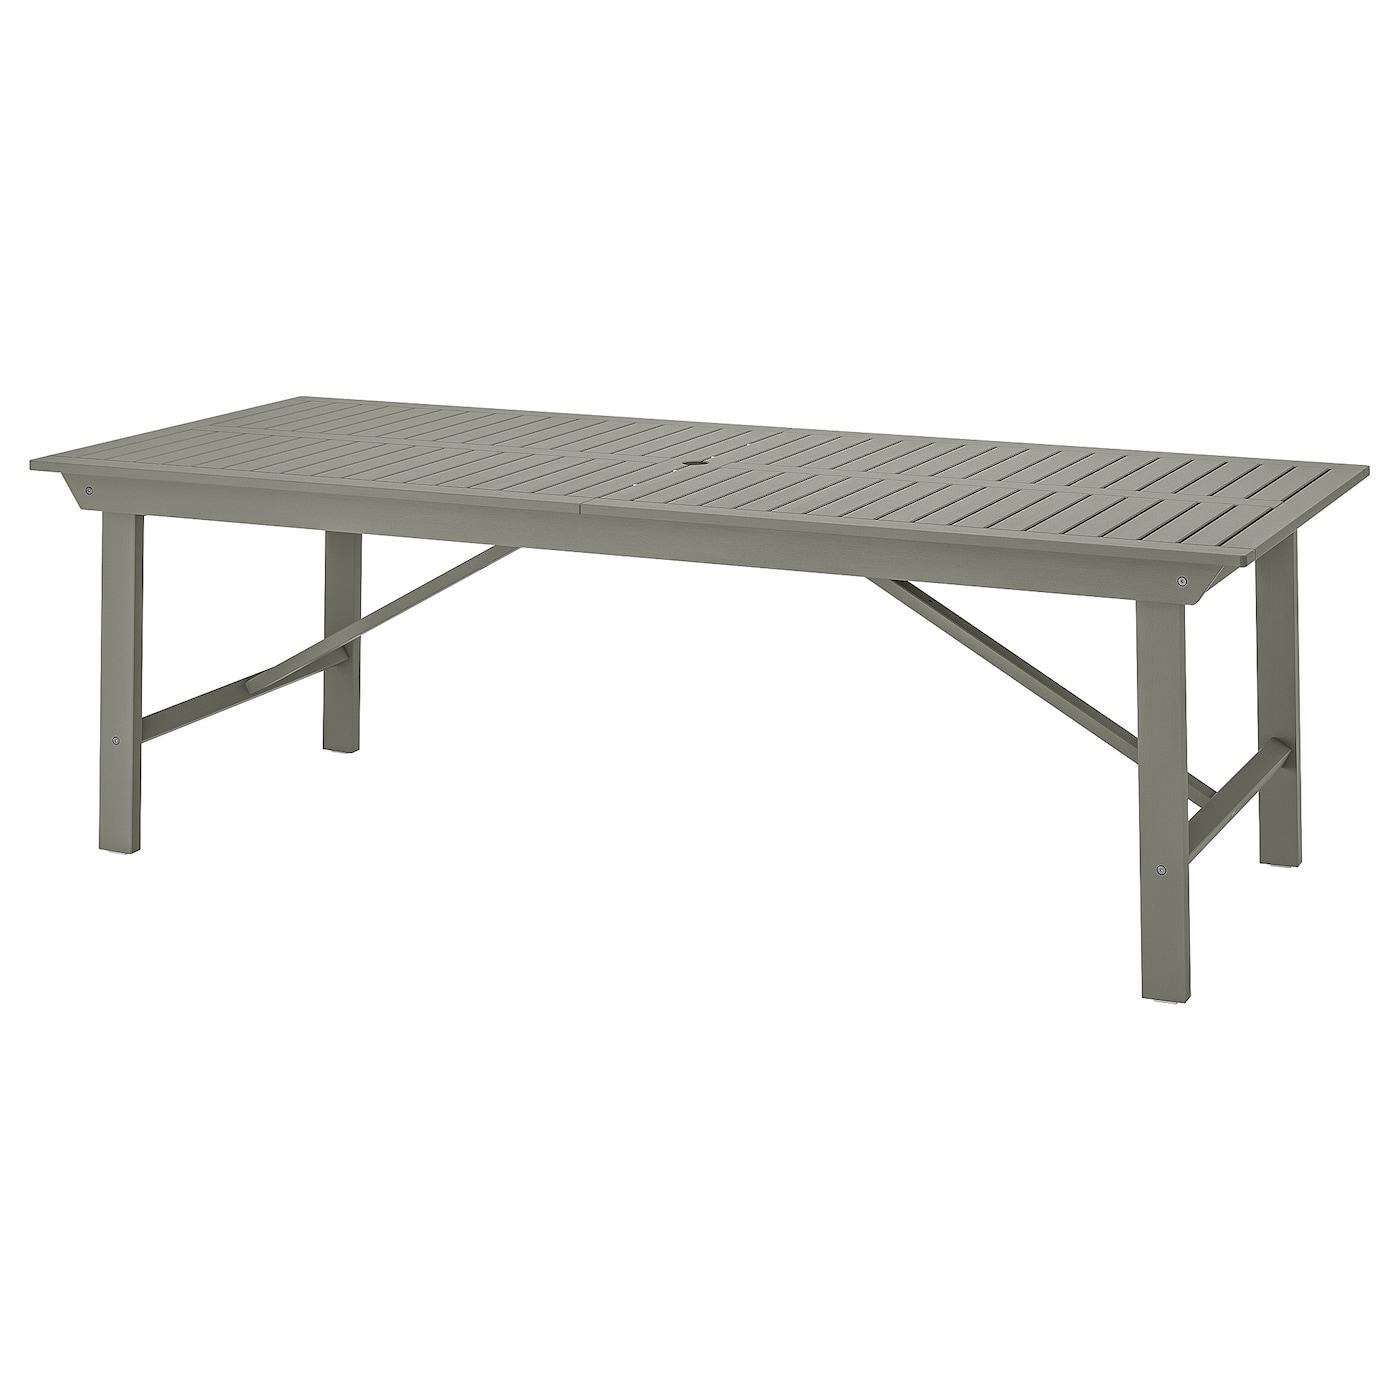 """BONDHOLMEN Table, outdoor - gray 11212 112/12x12 12/12 """" (1212x12 cm)"""